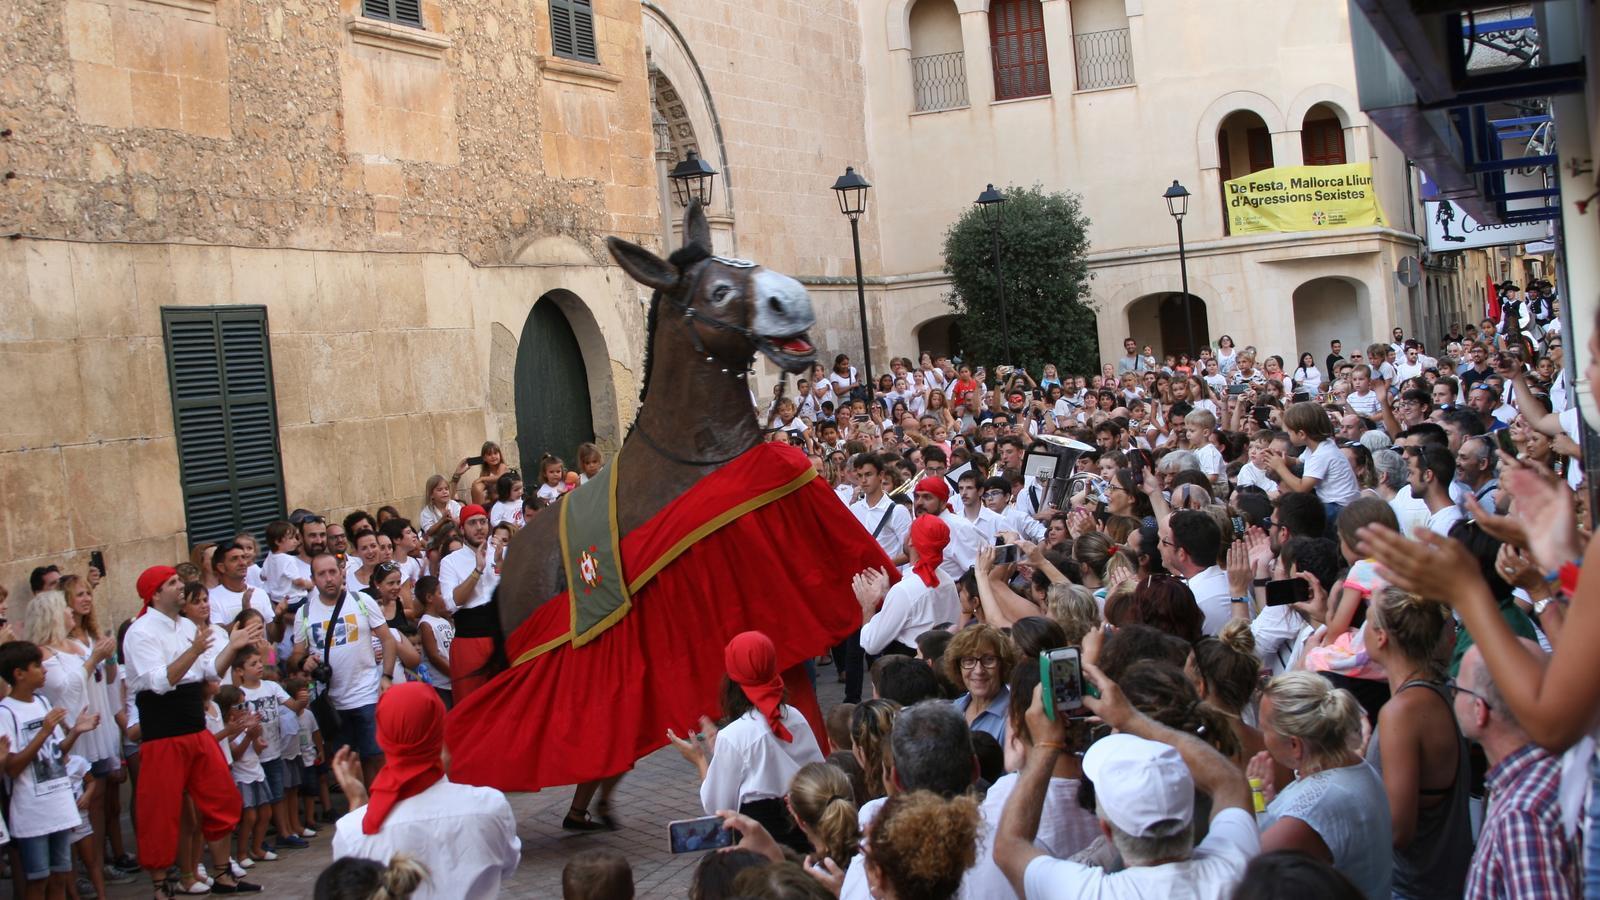 L'Encamisada de Sant Jaume a Manacor guia la multitud cap els jocs